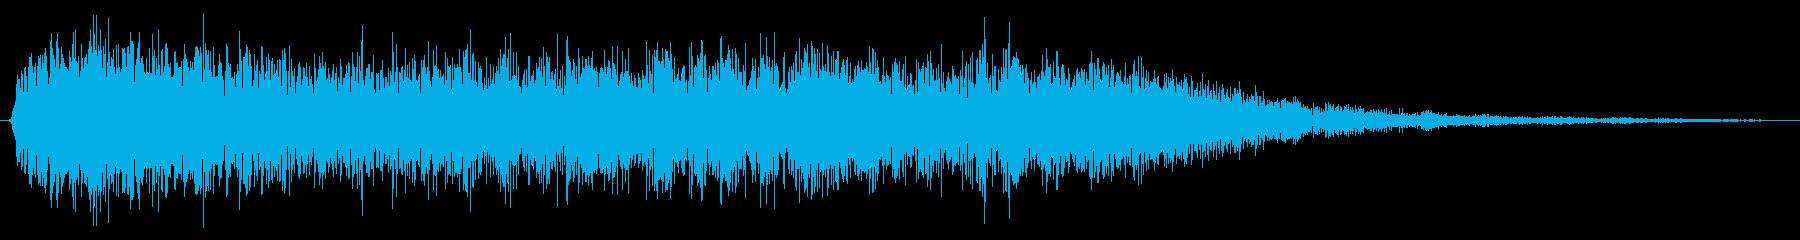 緊張 UFO 01の到着の再生済みの波形